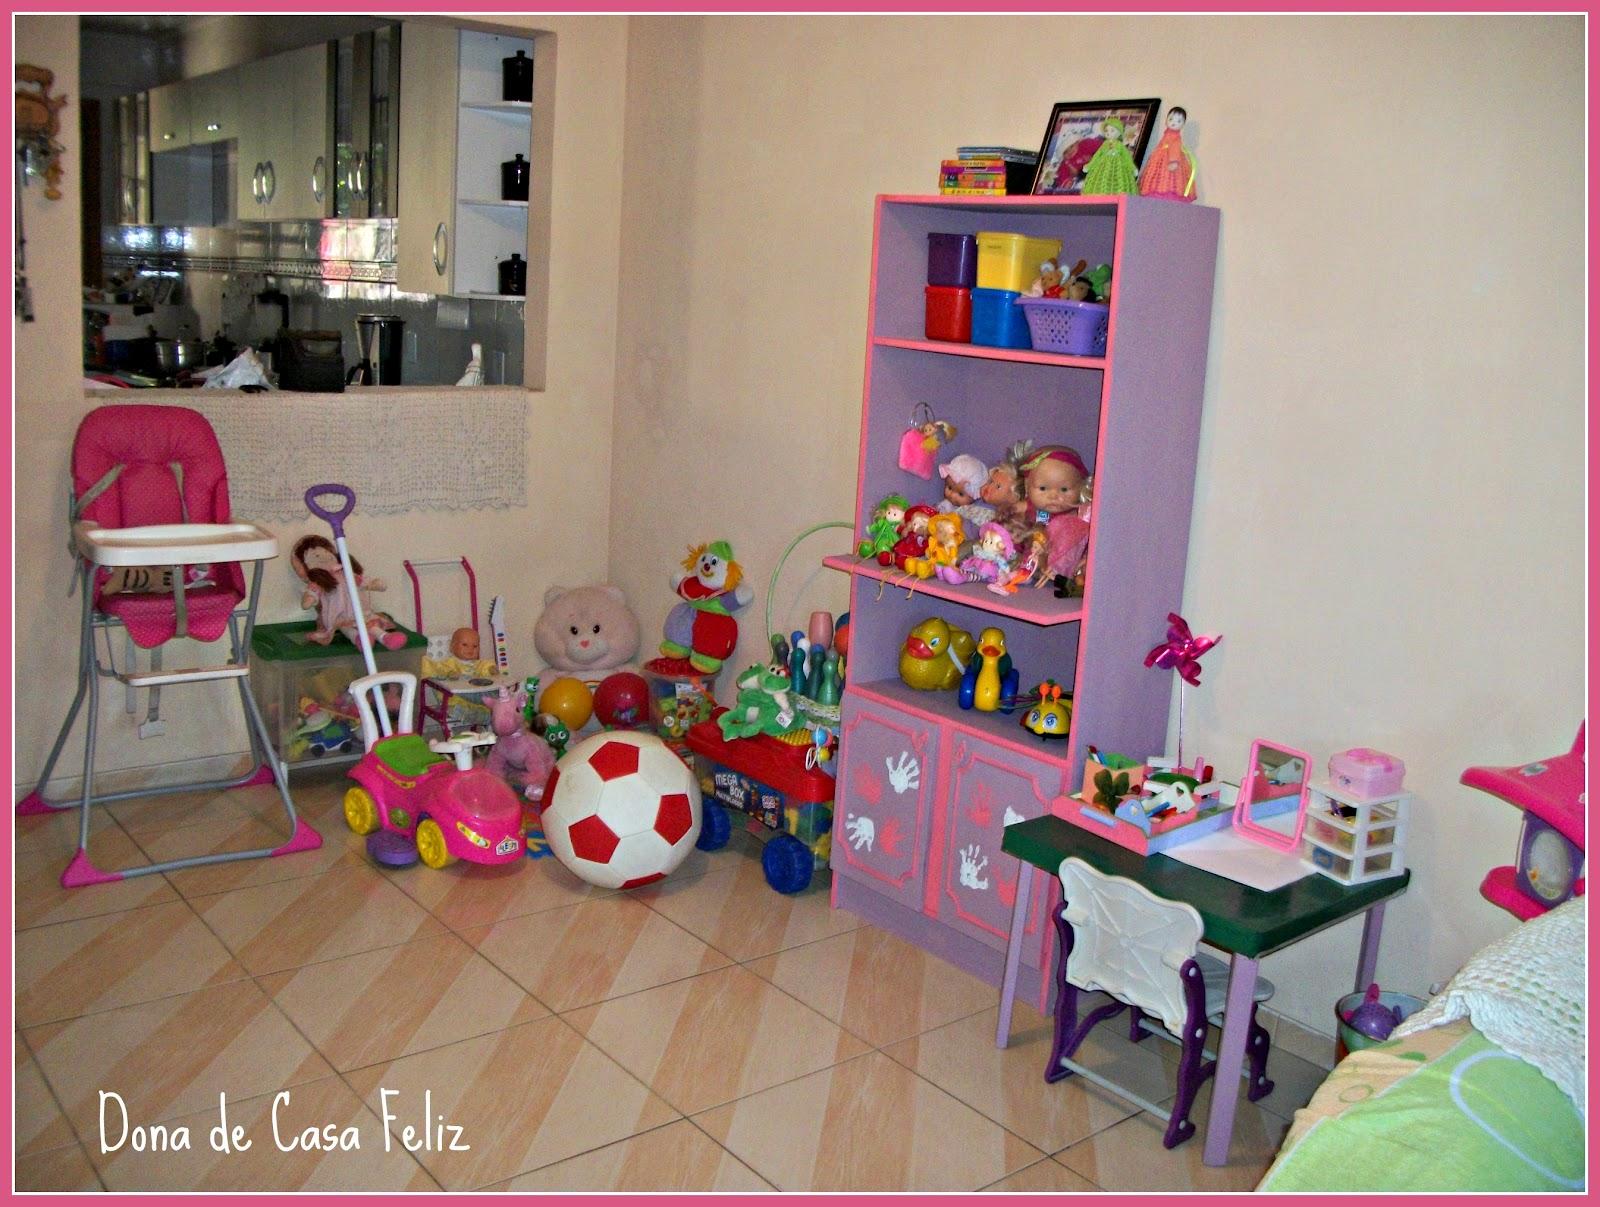 coloridas) além dos bichinhos de pelúcia e da caixa de brinquedos #793036 1600x1207